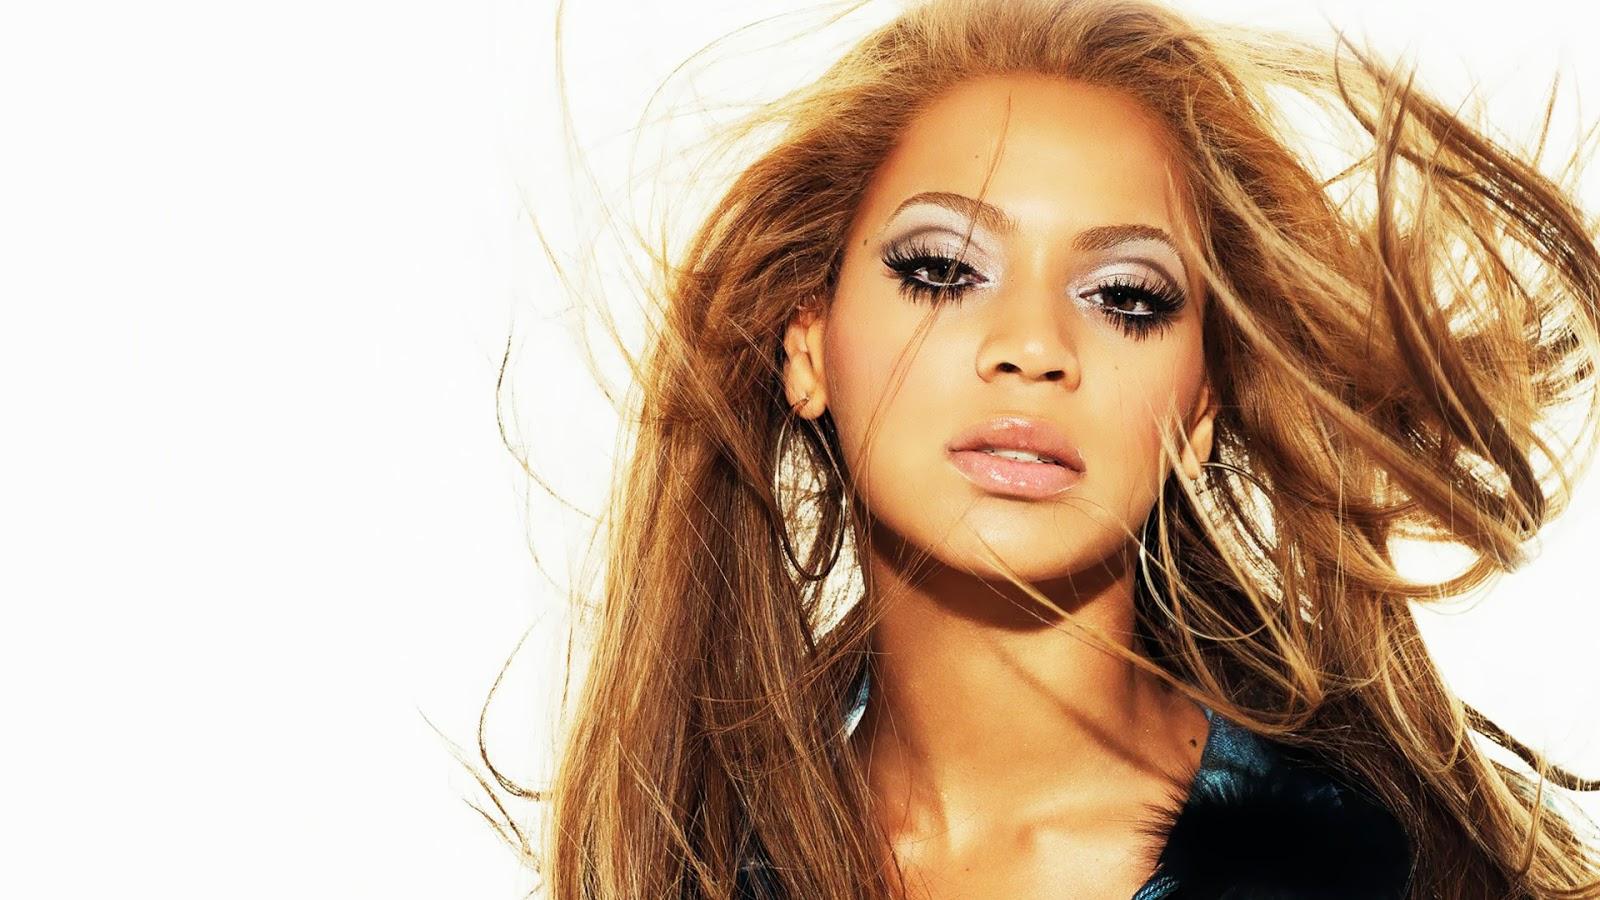 Beyonce Knowles nude (77 fotos) Porno, Facebook, braless